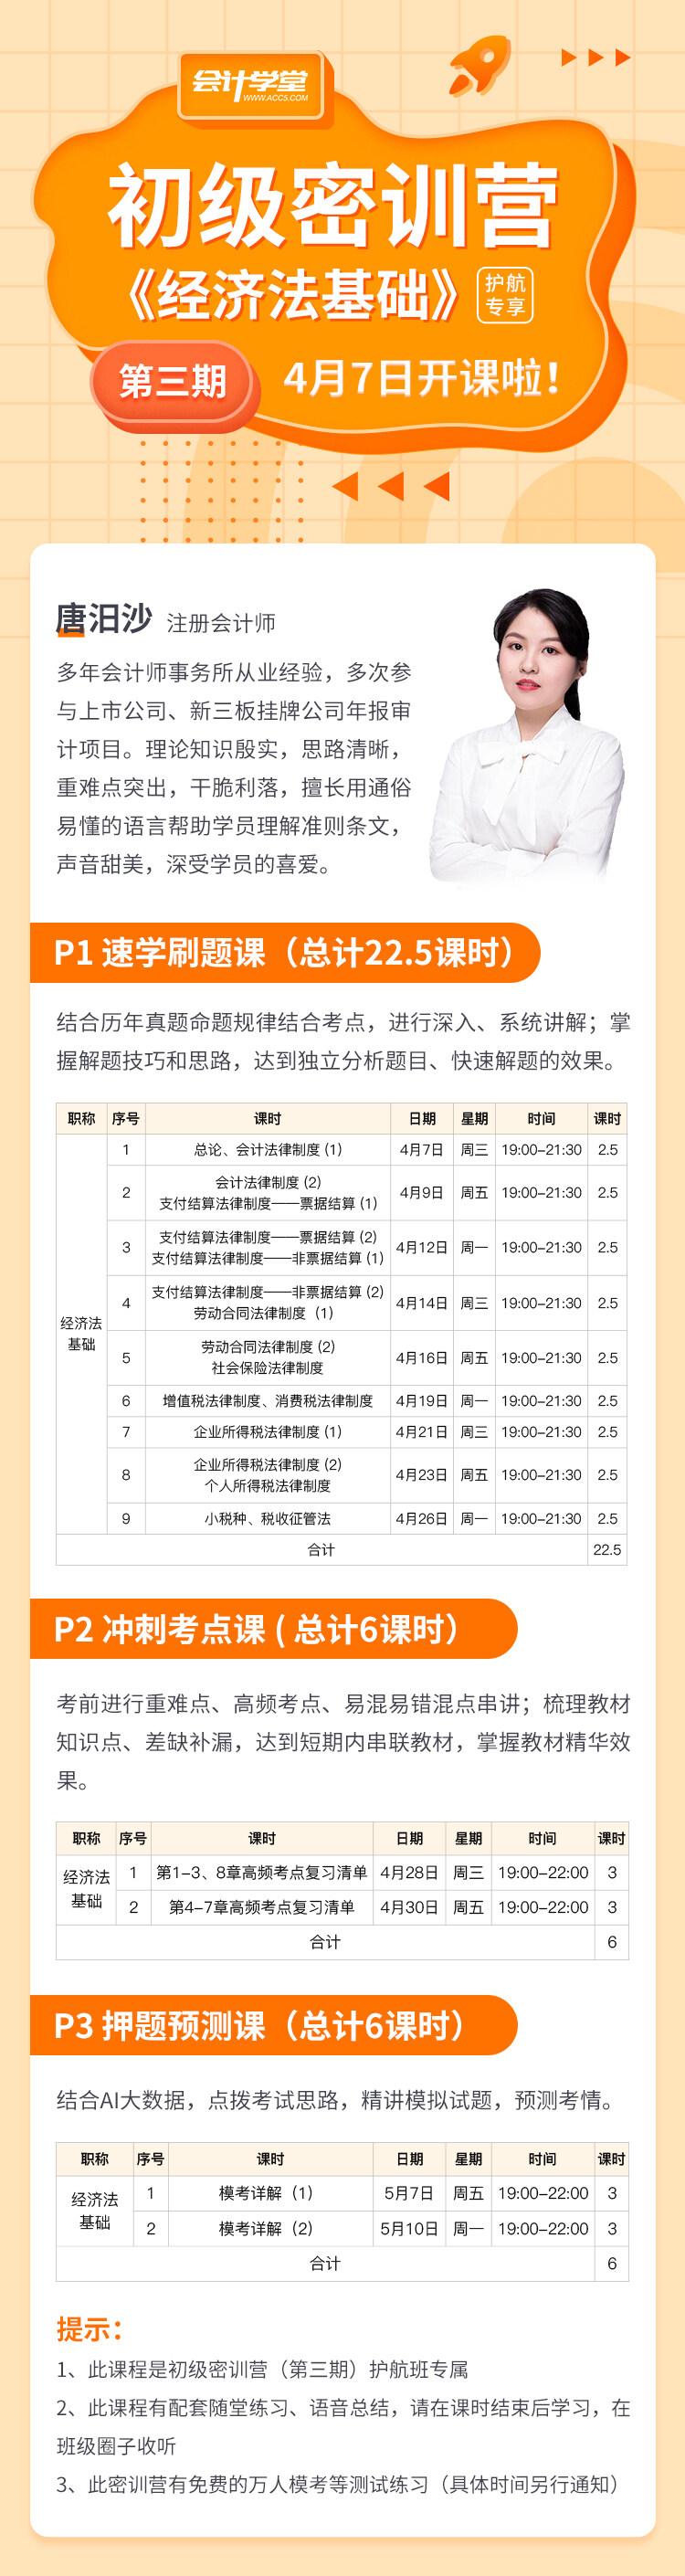 初级密训营第三期-经济法基础(1).jpg